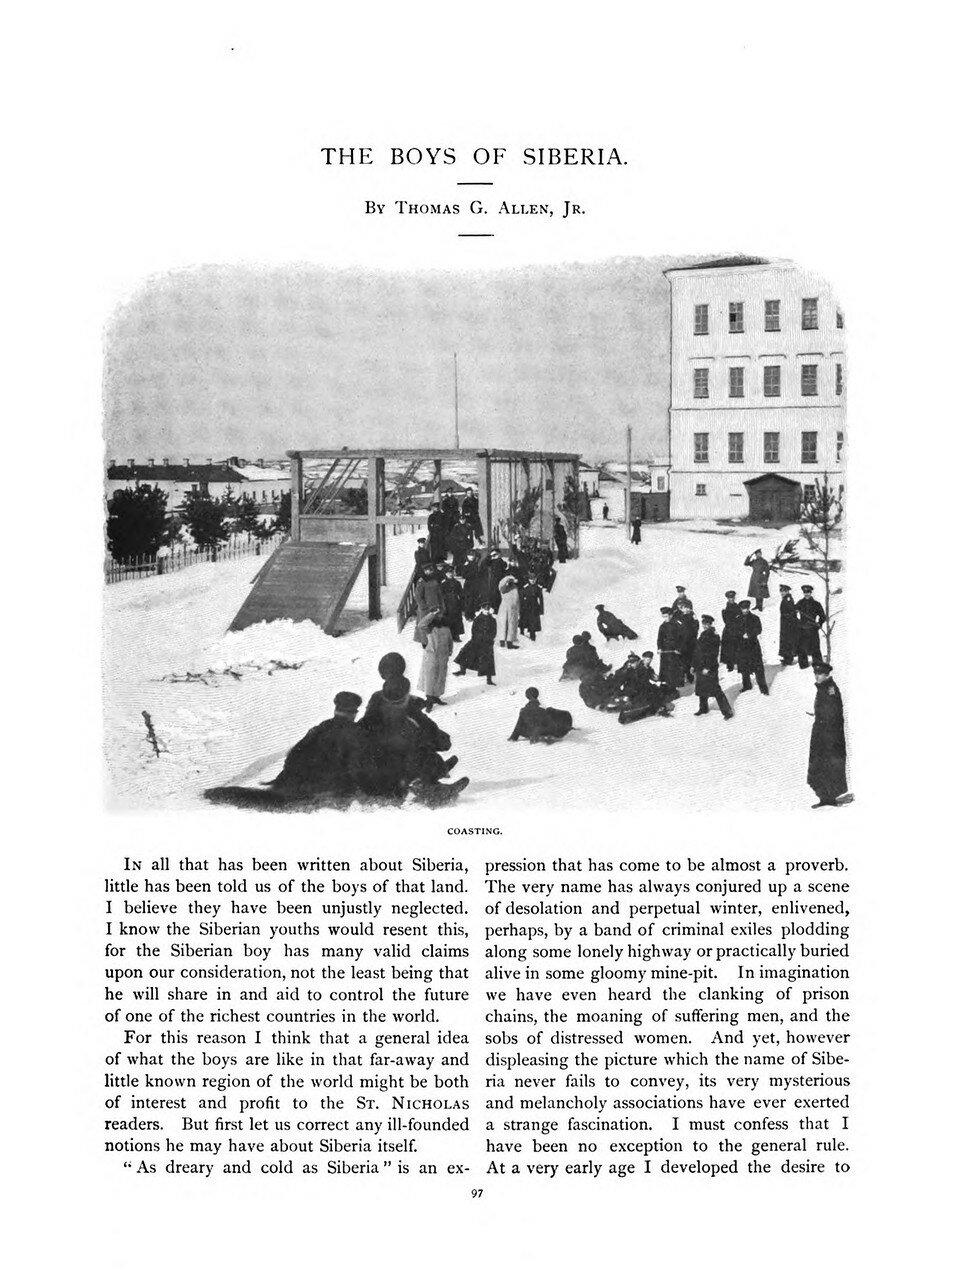 Омский кадетский корпус глазами американского путешественника, 1898 - небольшая детективная история